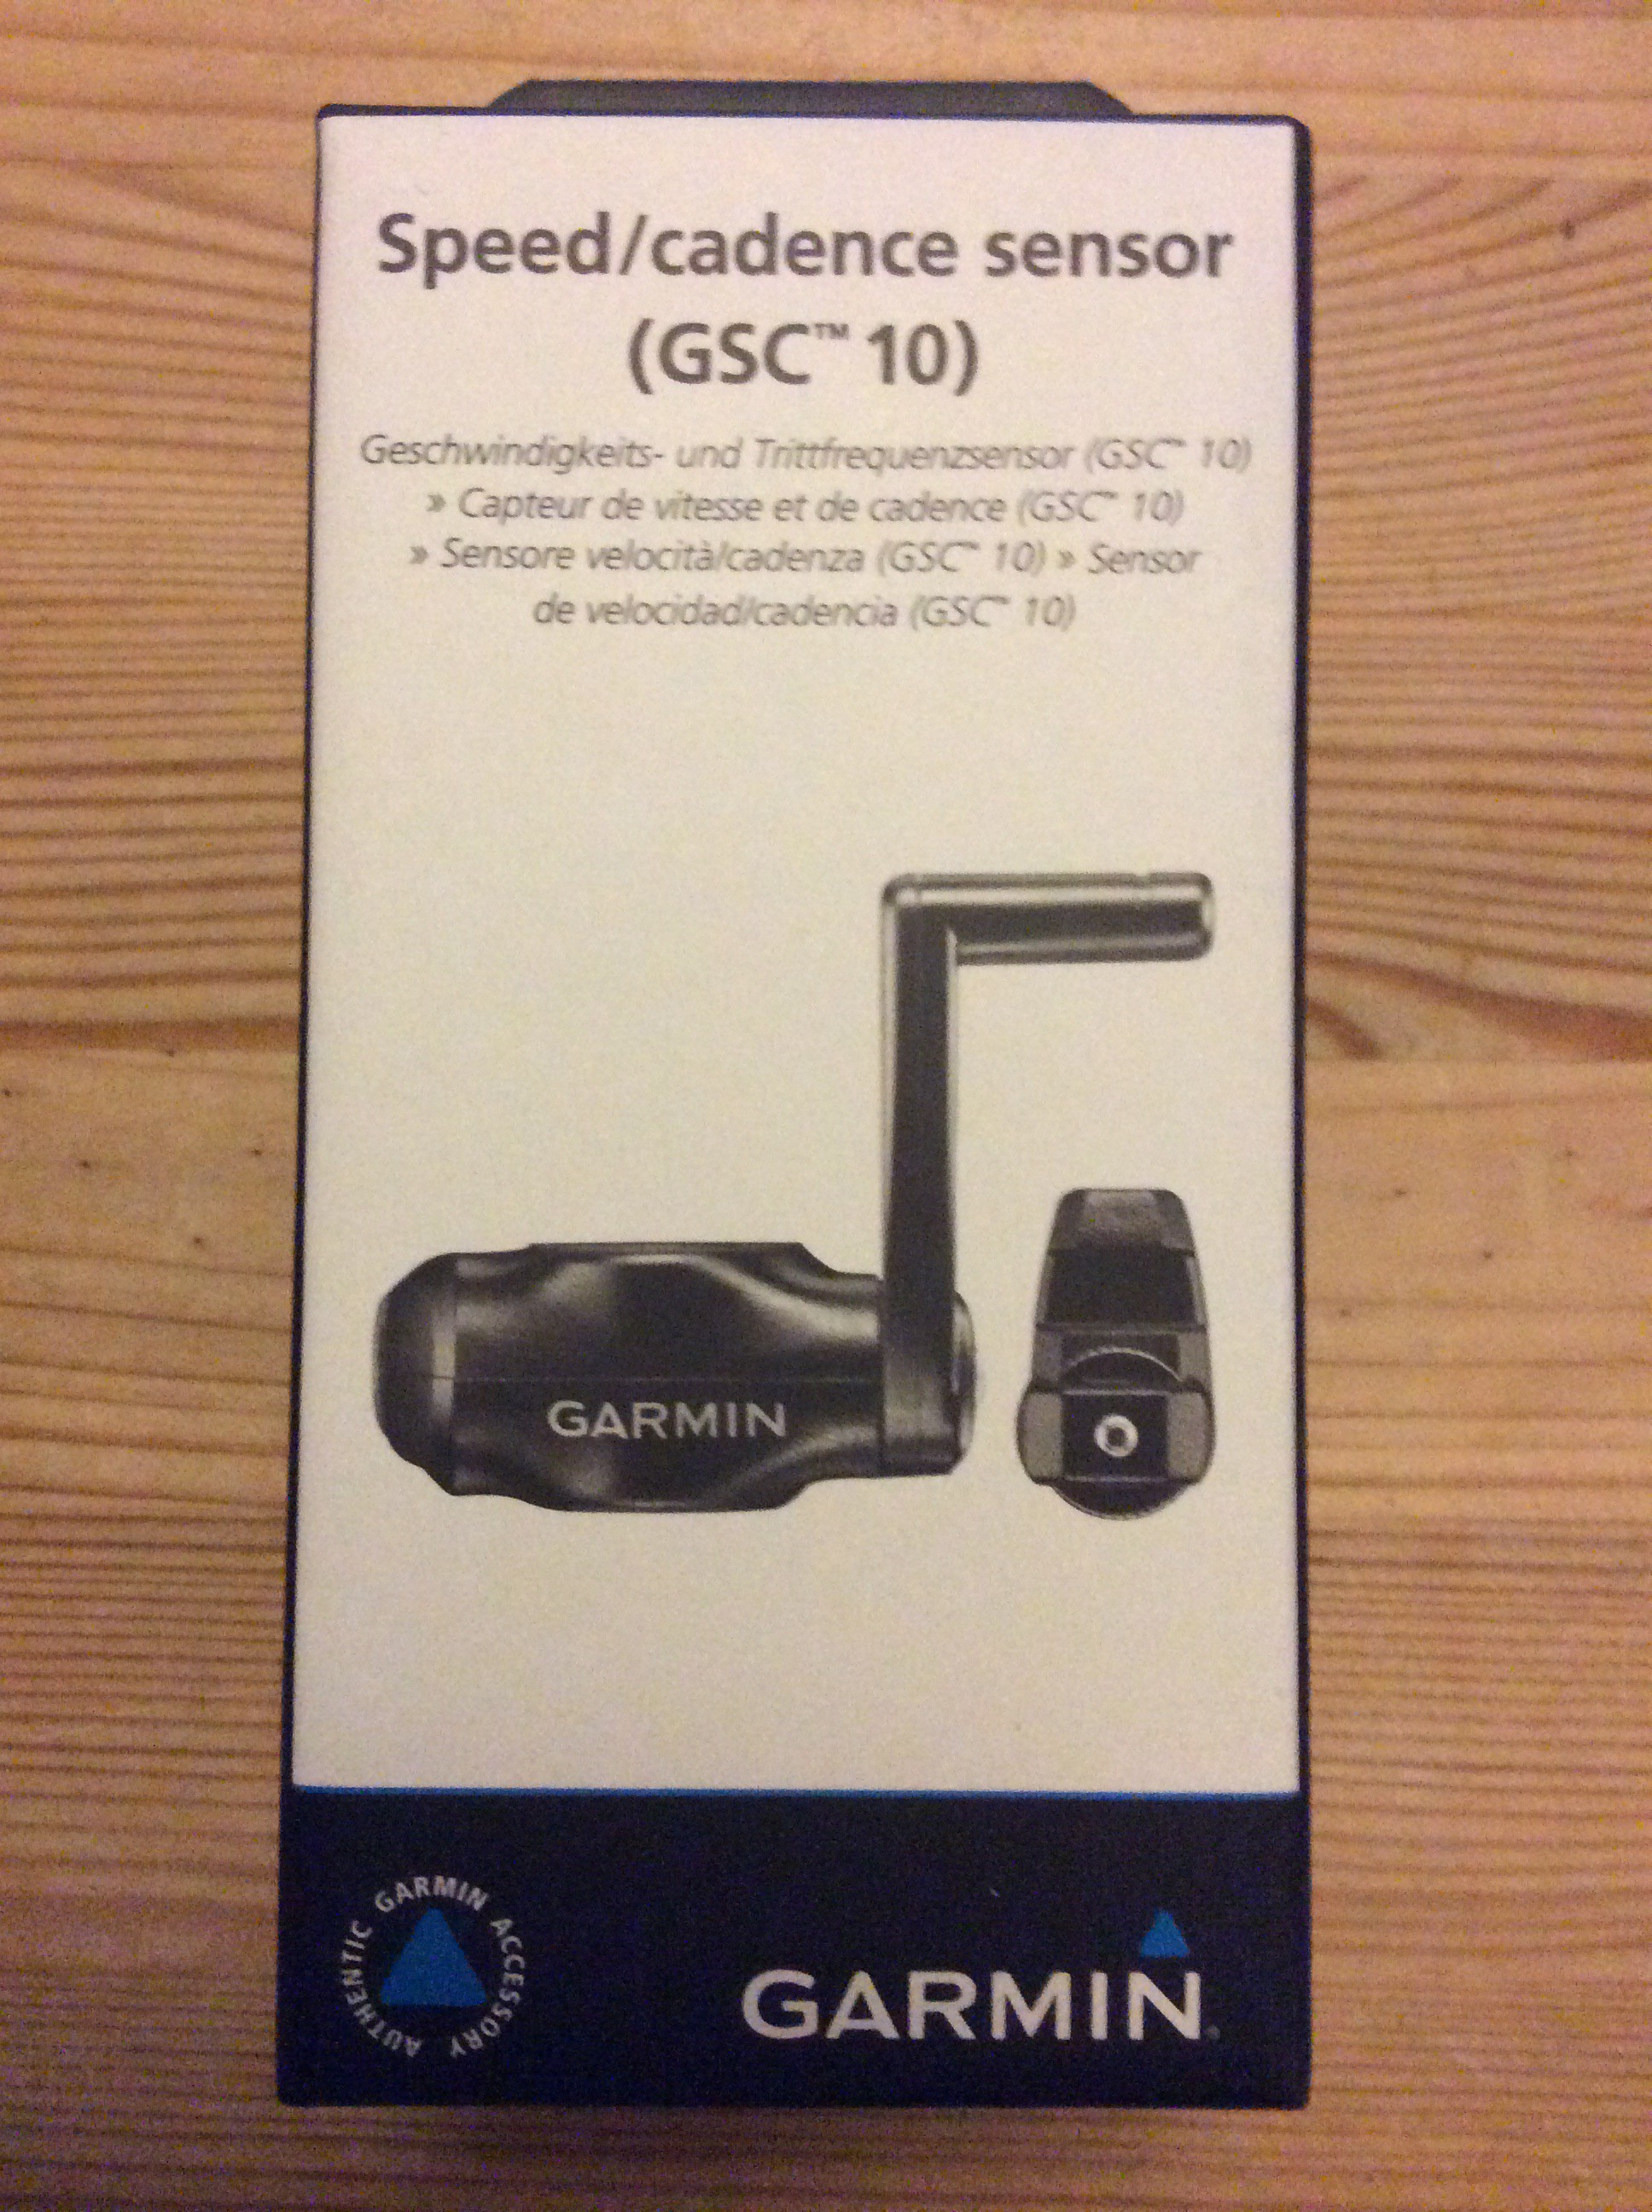 Garmin GSC 10